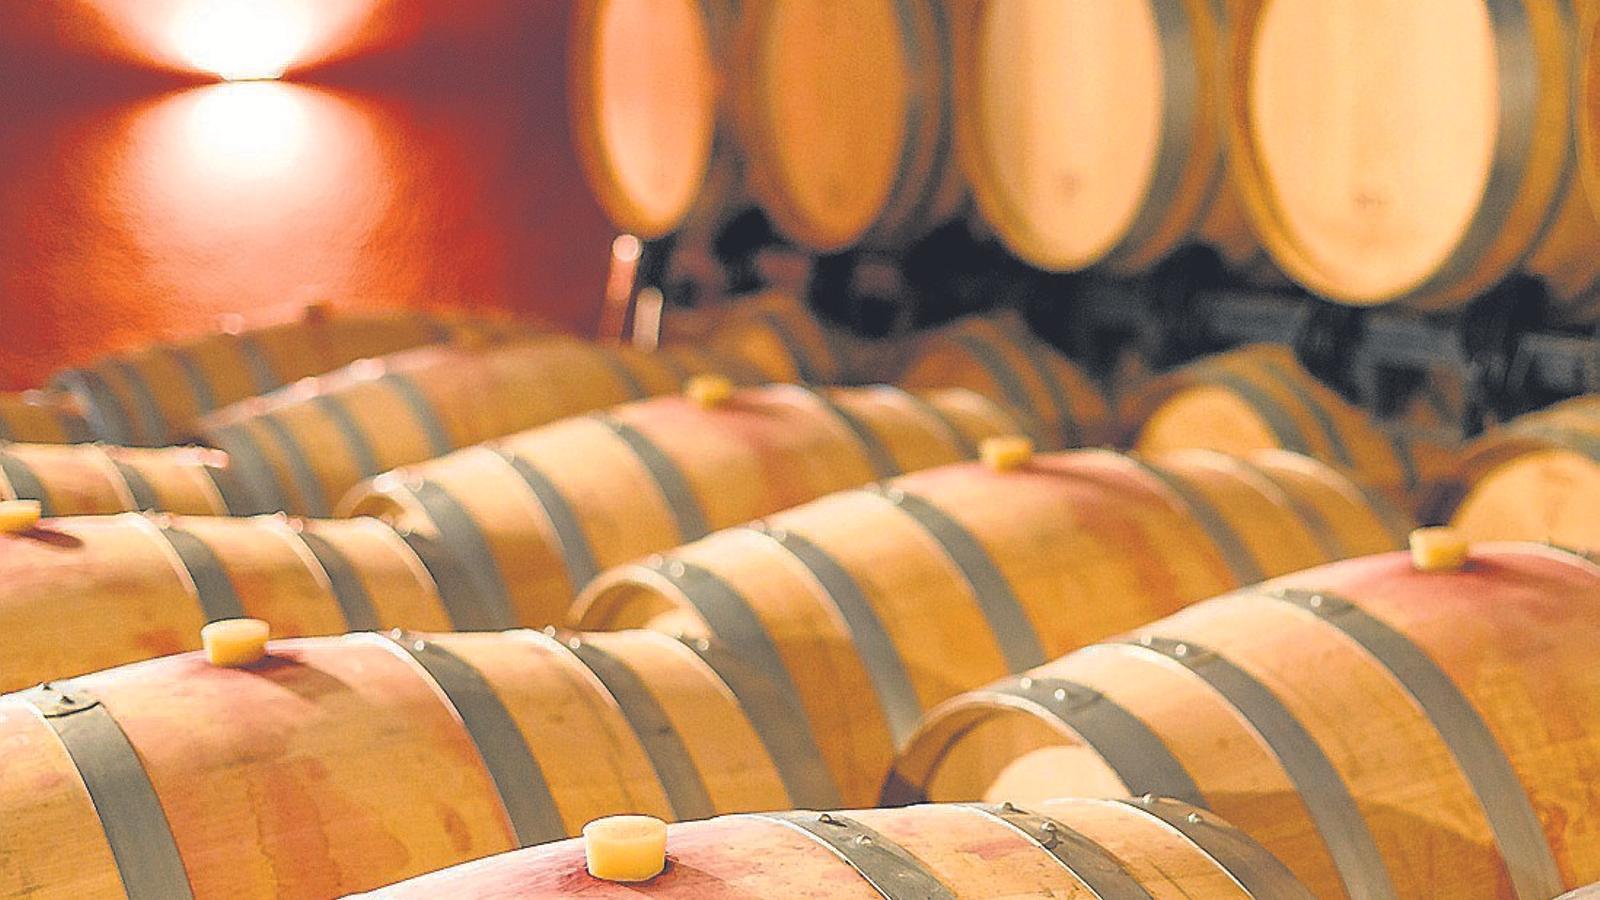 El 2015 es comercialitzaren 3,6 milions de litres de vi amb identificació de qualitat. arxiu